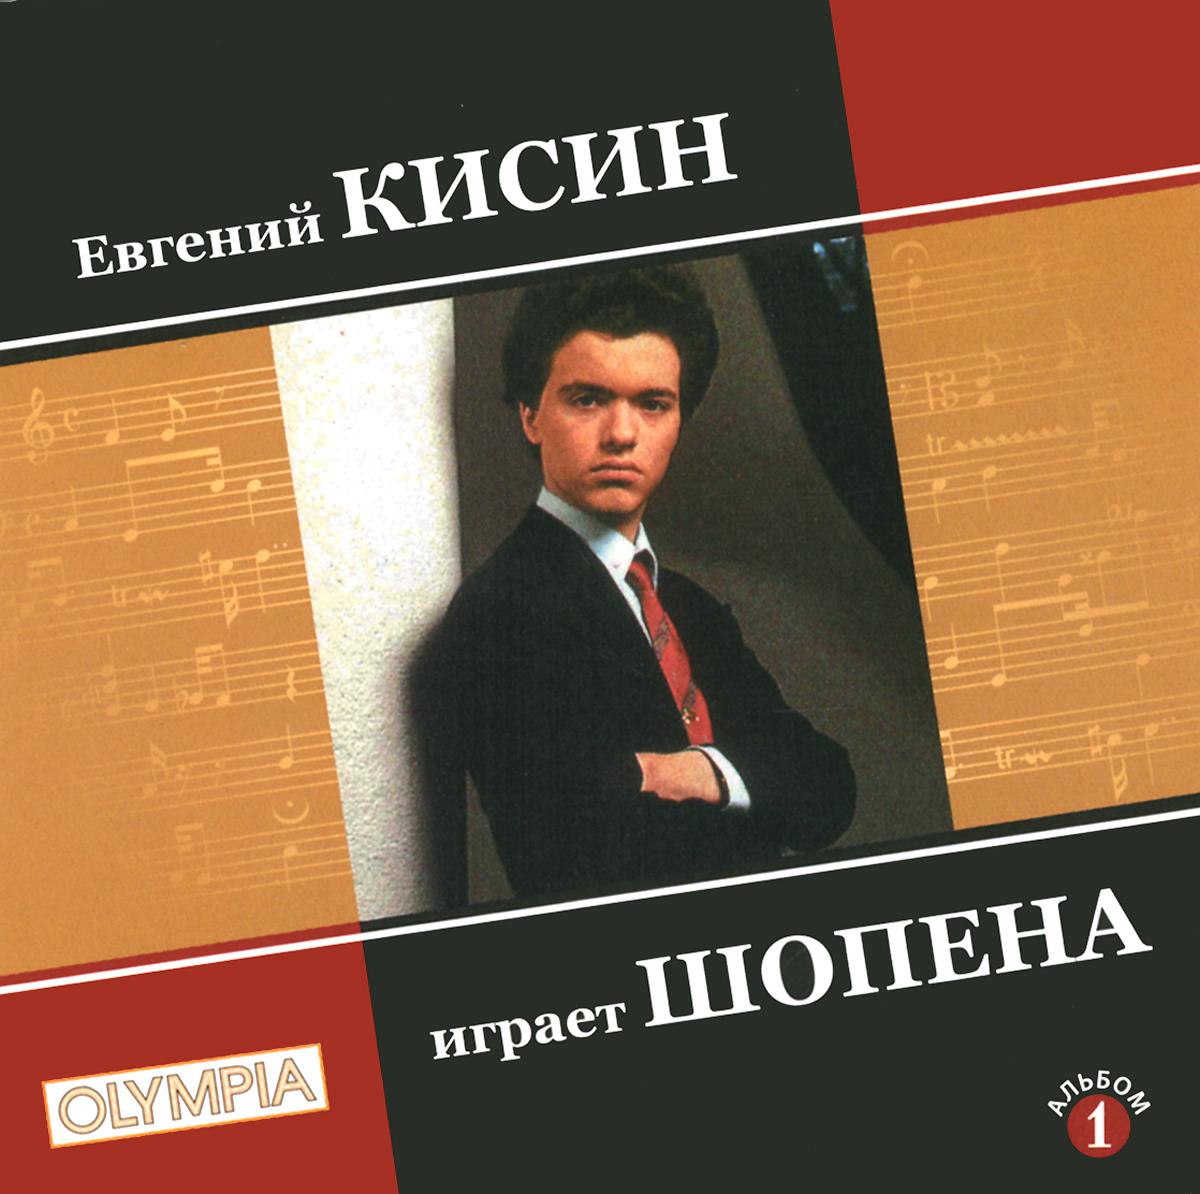 Общее время звучания: 54 минуты 39 секунд. Издание содержит раскладку с дополнительной информацией на английском и русском языках.